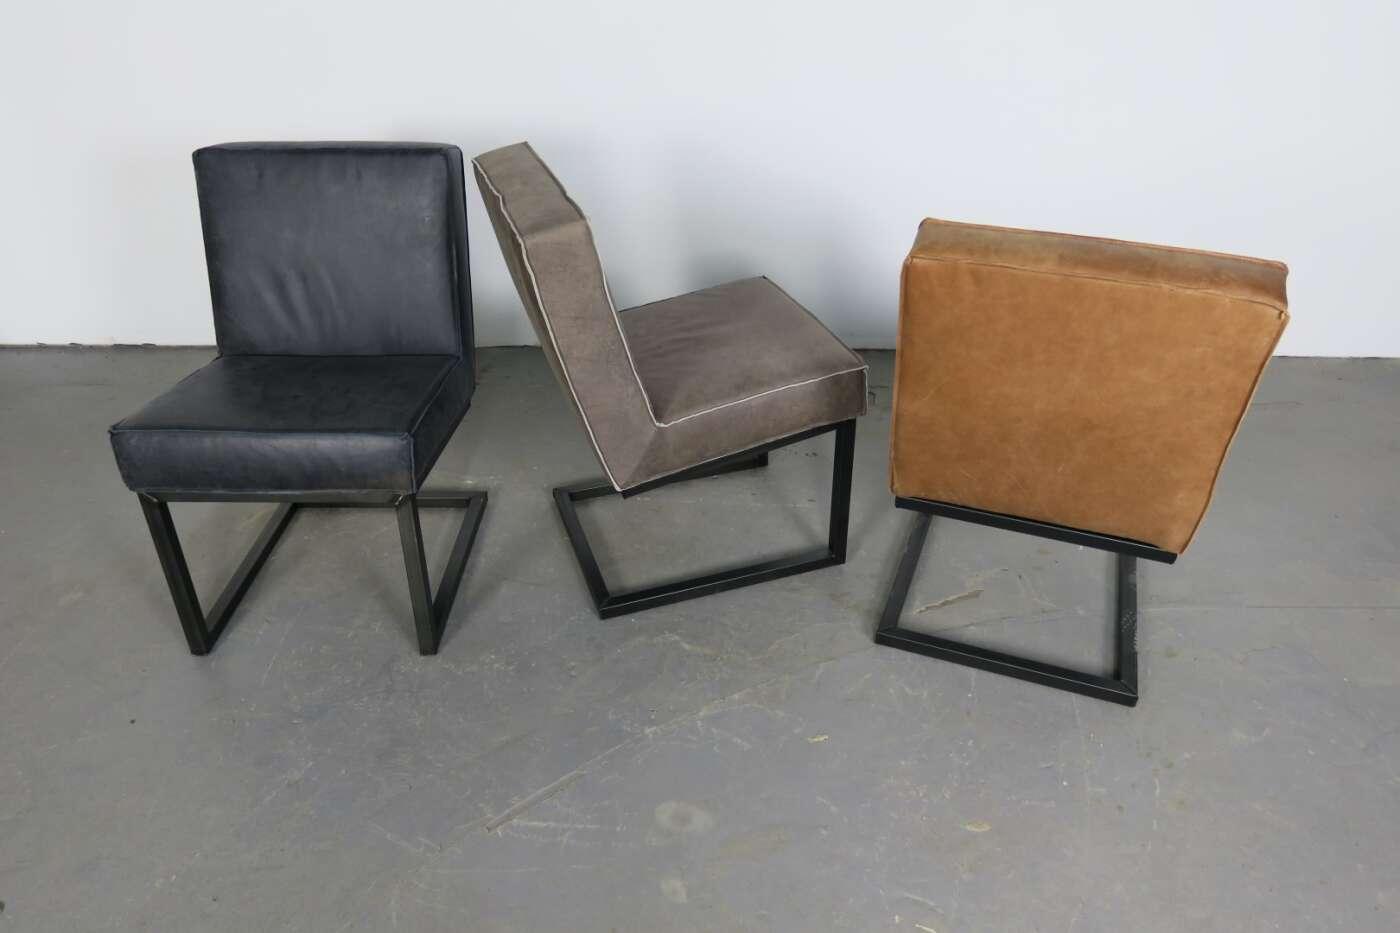 stuhl maglun ein designklassiker in kenia leder. Black Bedroom Furniture Sets. Home Design Ideas